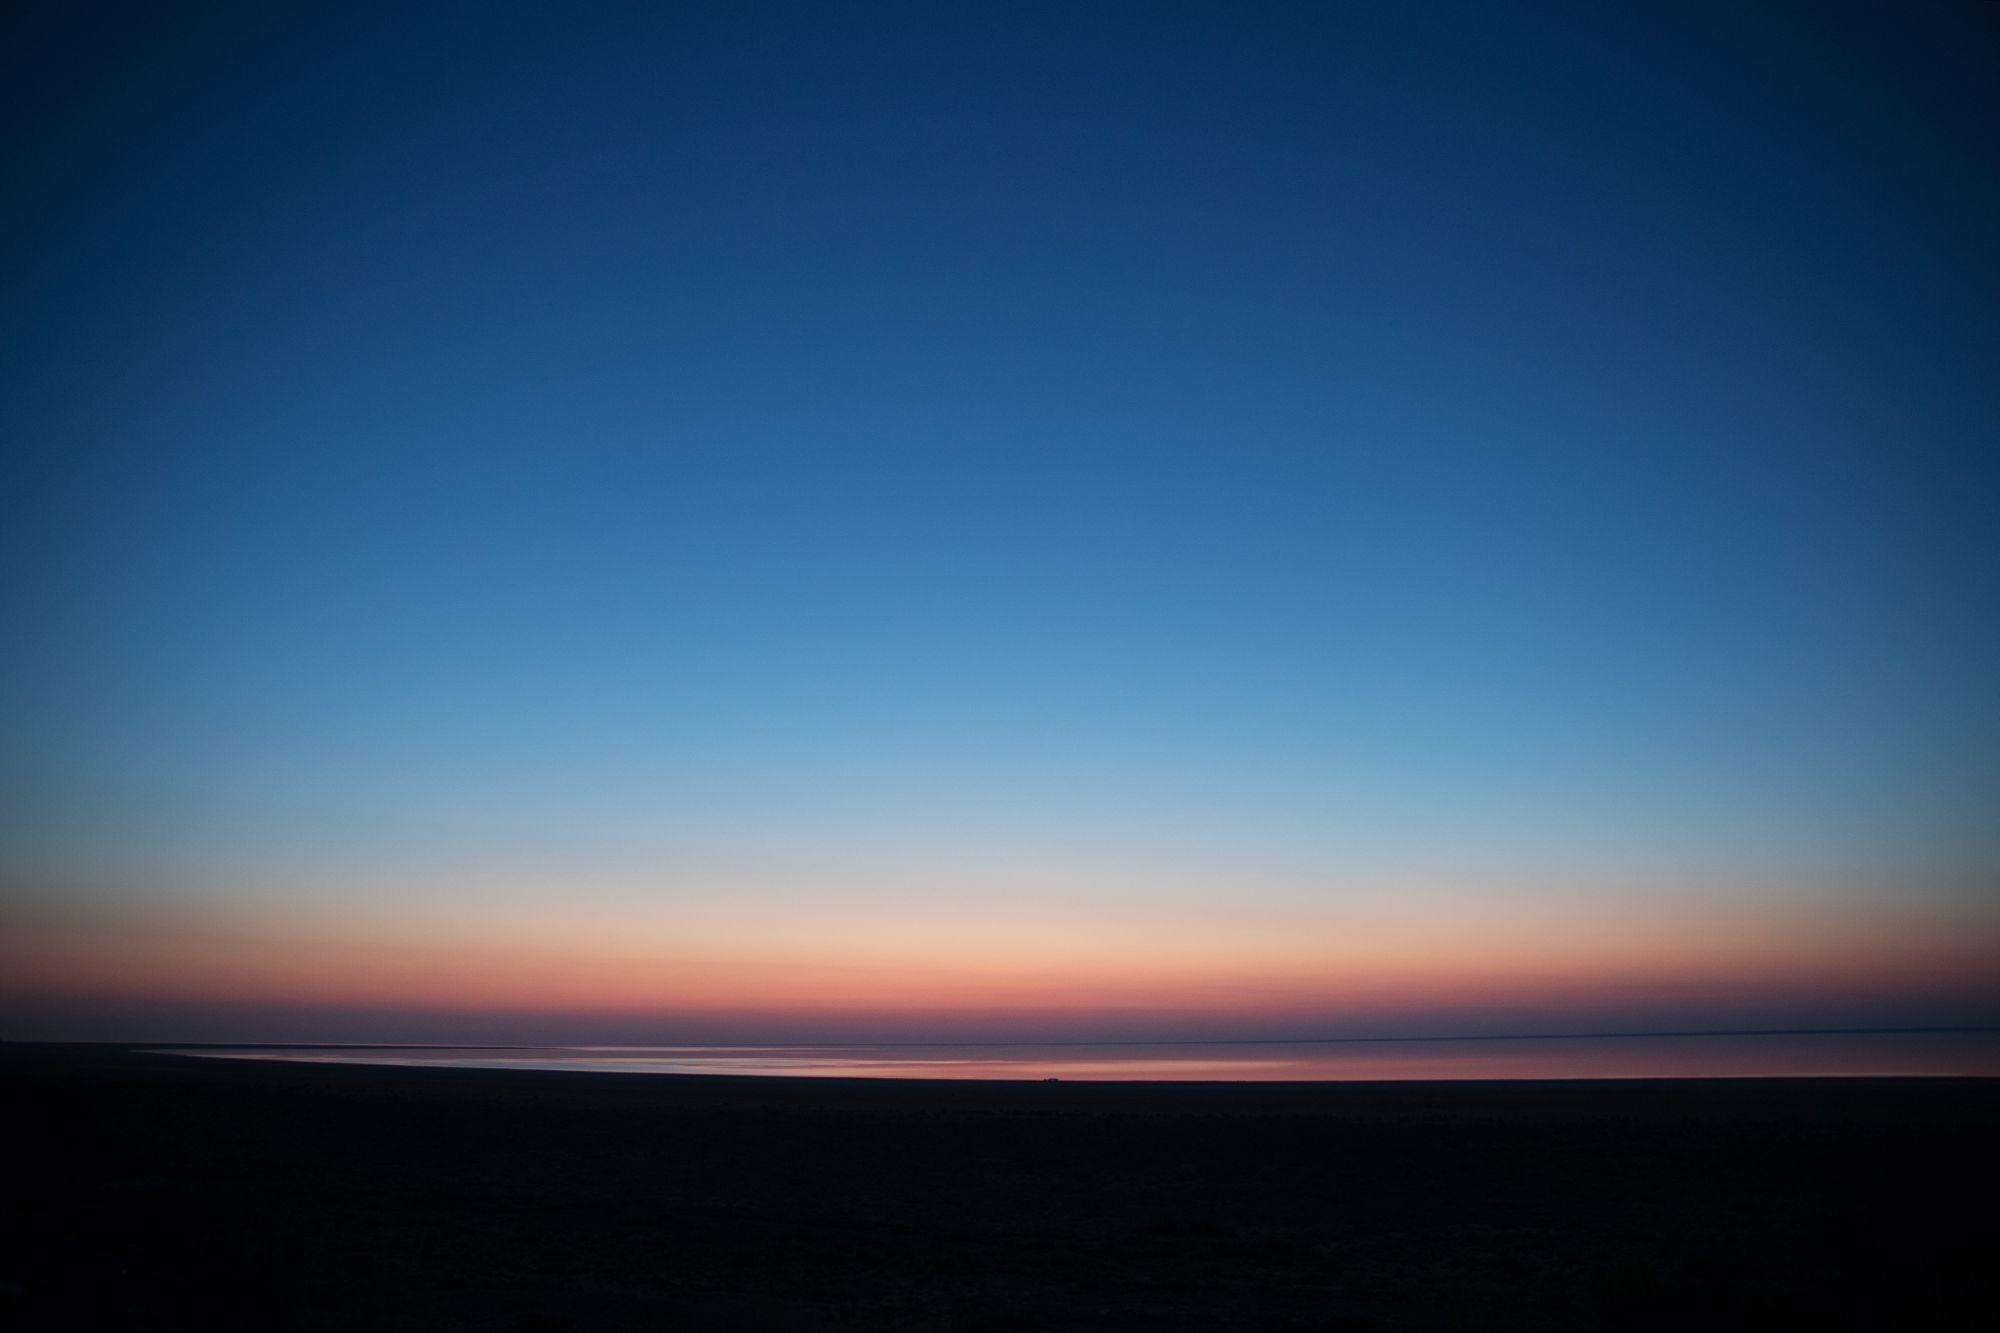 早朝、空は刻一刻と彩りを変える=2018年5月、ウズベキスタン ...